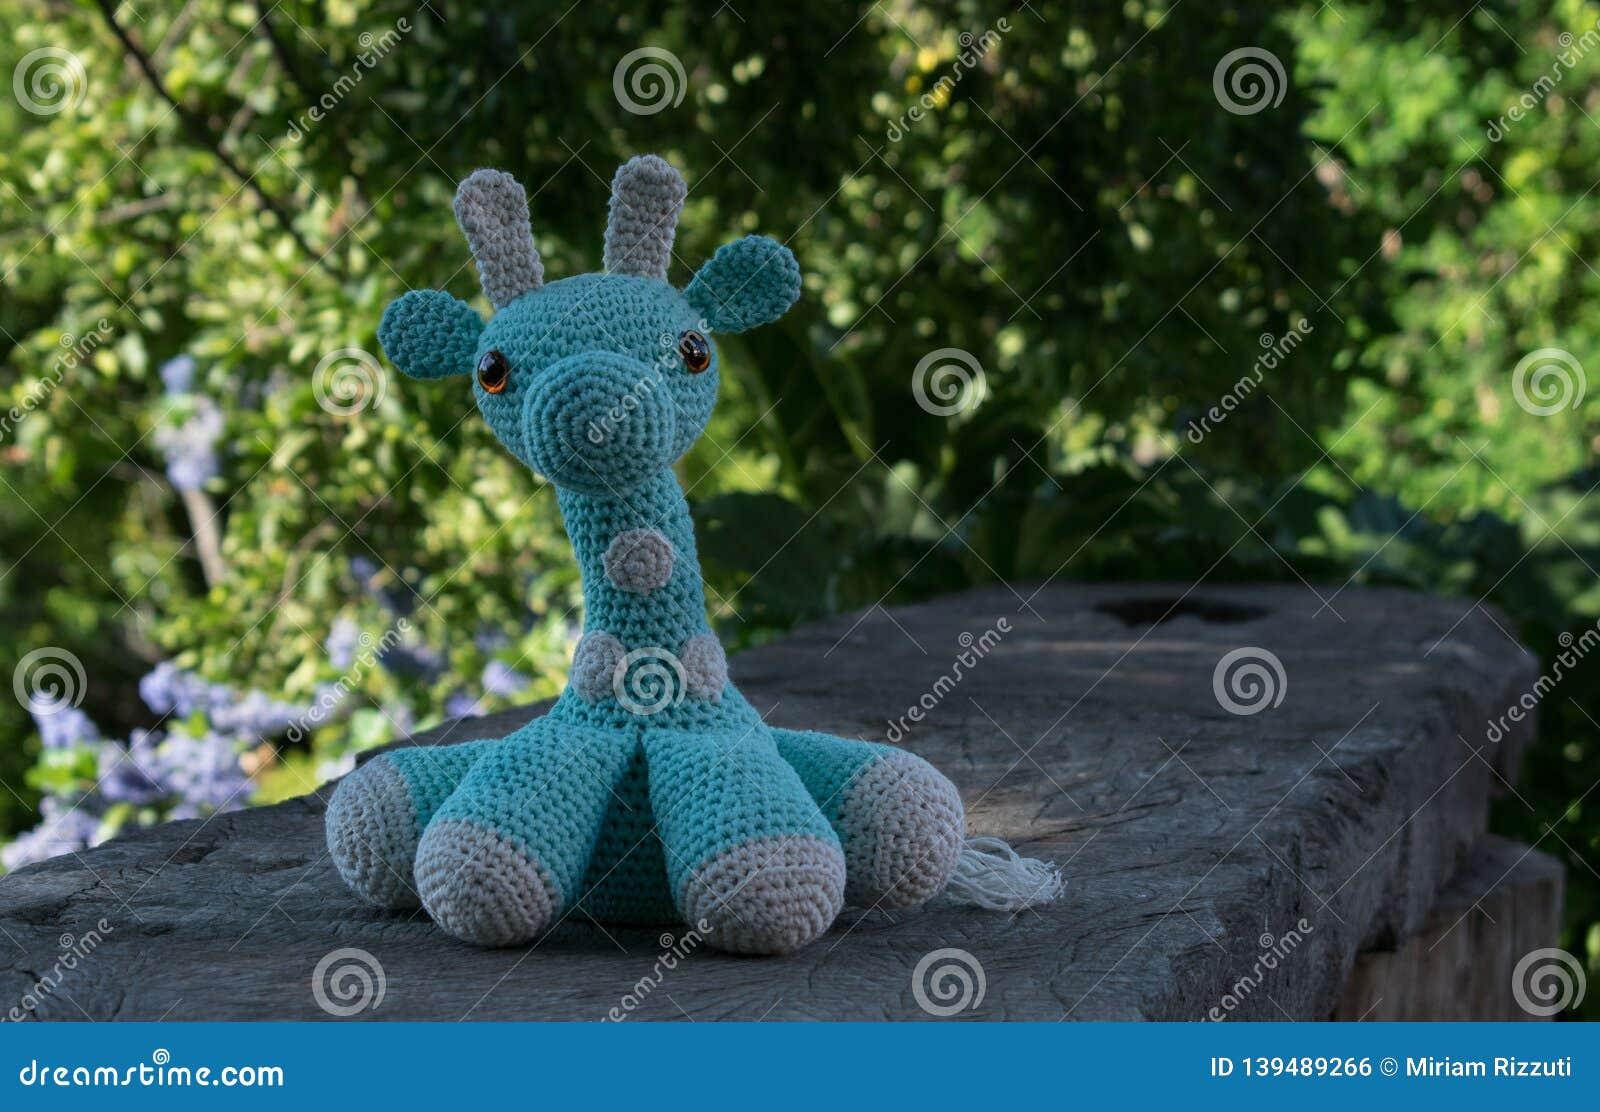 Amigurumi de jirafa - Arte y Manualidades Bichos | Facebook | 1111x1600